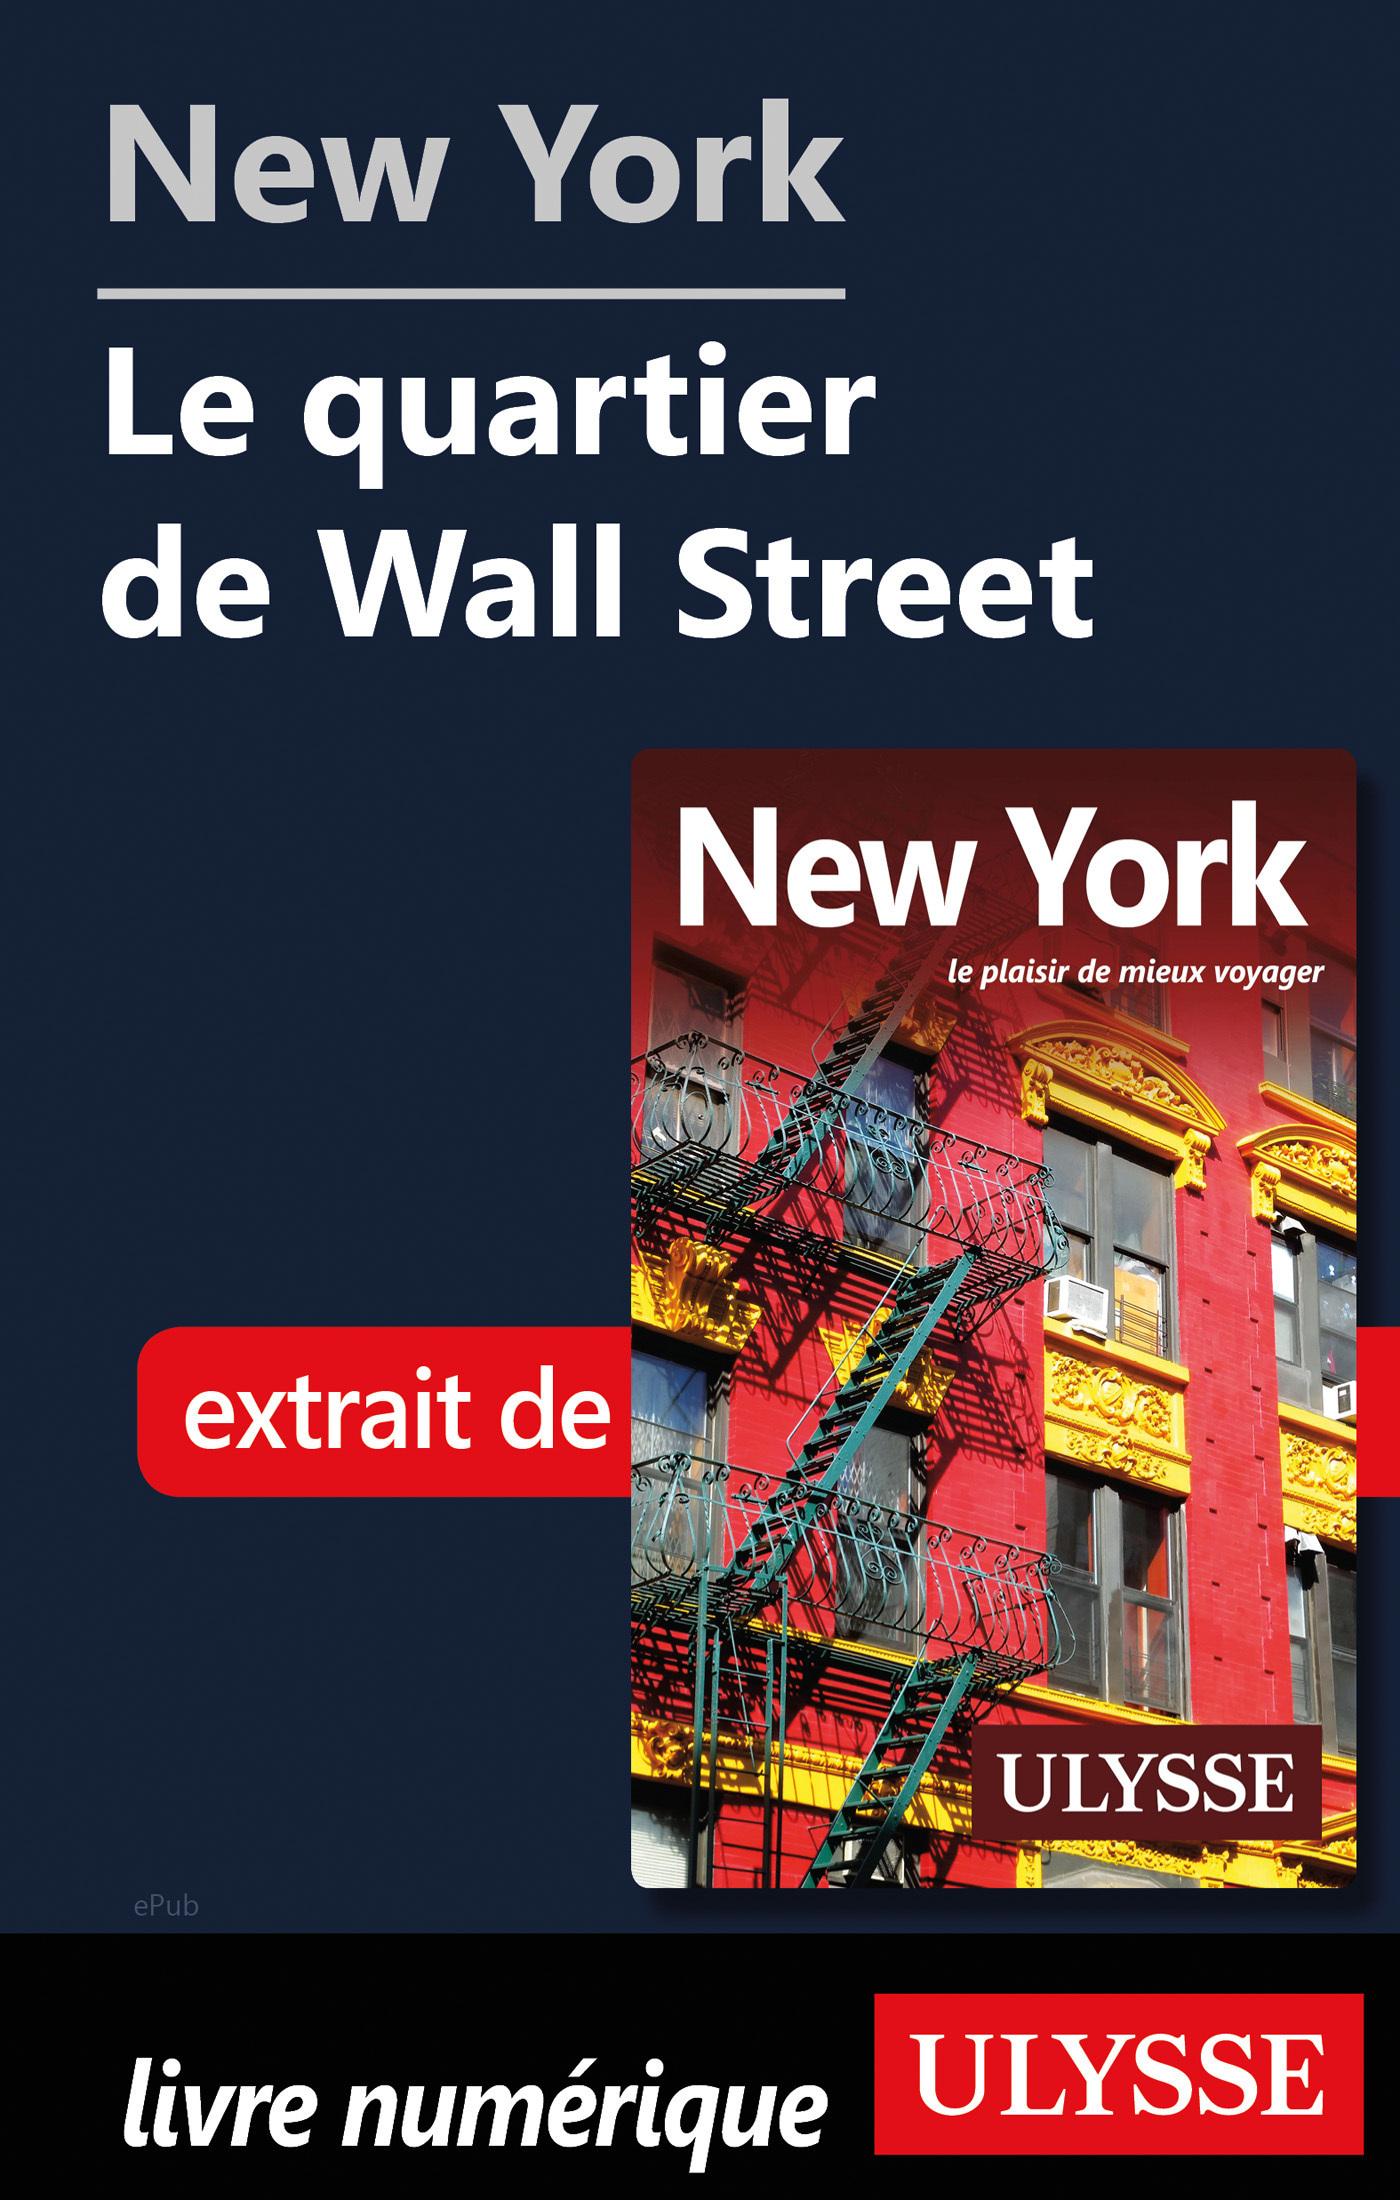 New York - Le quartier de Wall Street